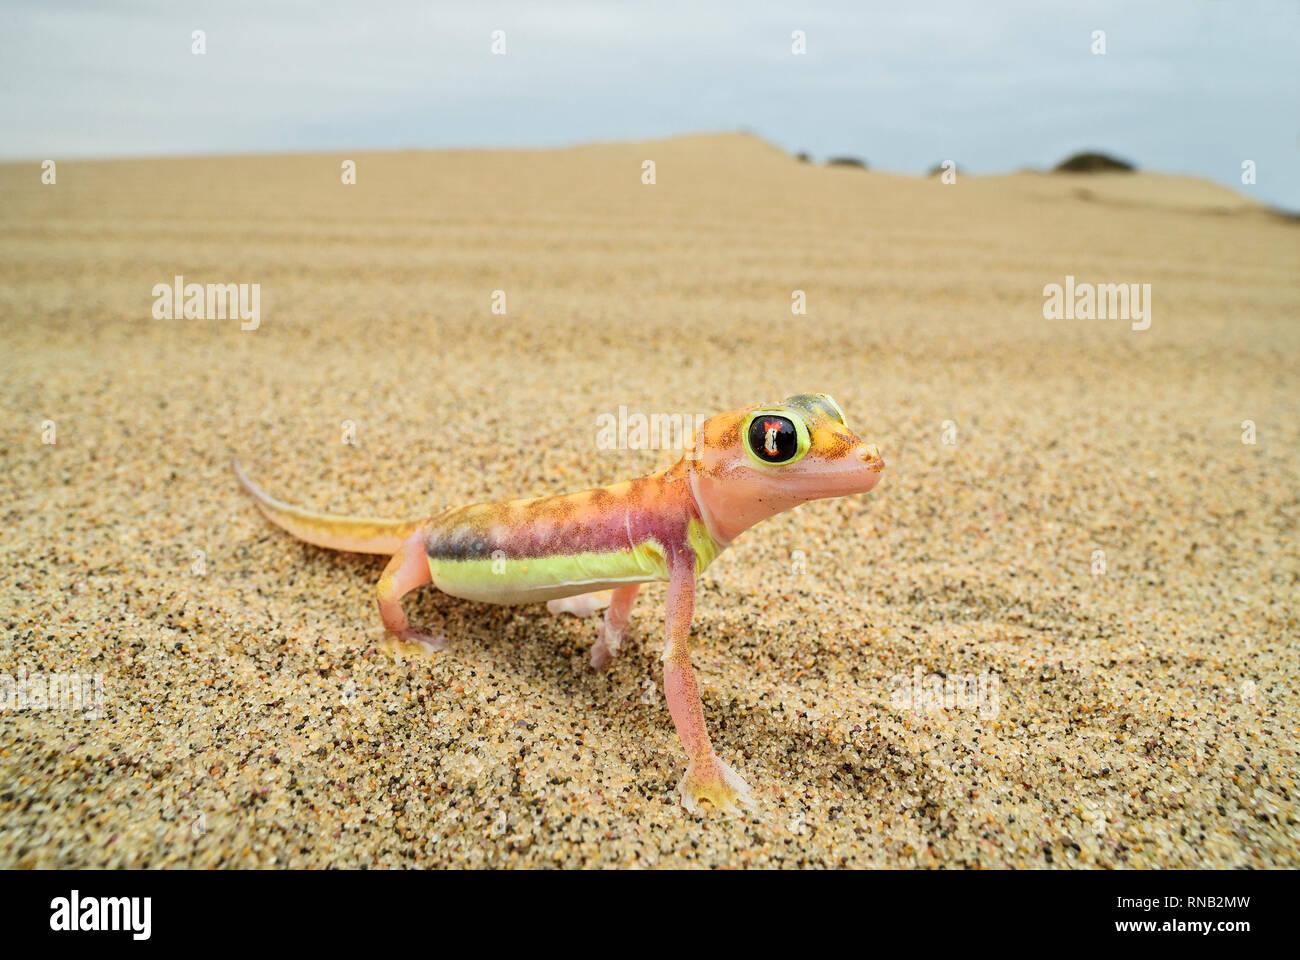 Namib Sand Gecko - Pachydactylus rangei, beautiful small gecko endemic in southwest Africa, Namib desert, Walvis bay, Namibia. Stock Photo